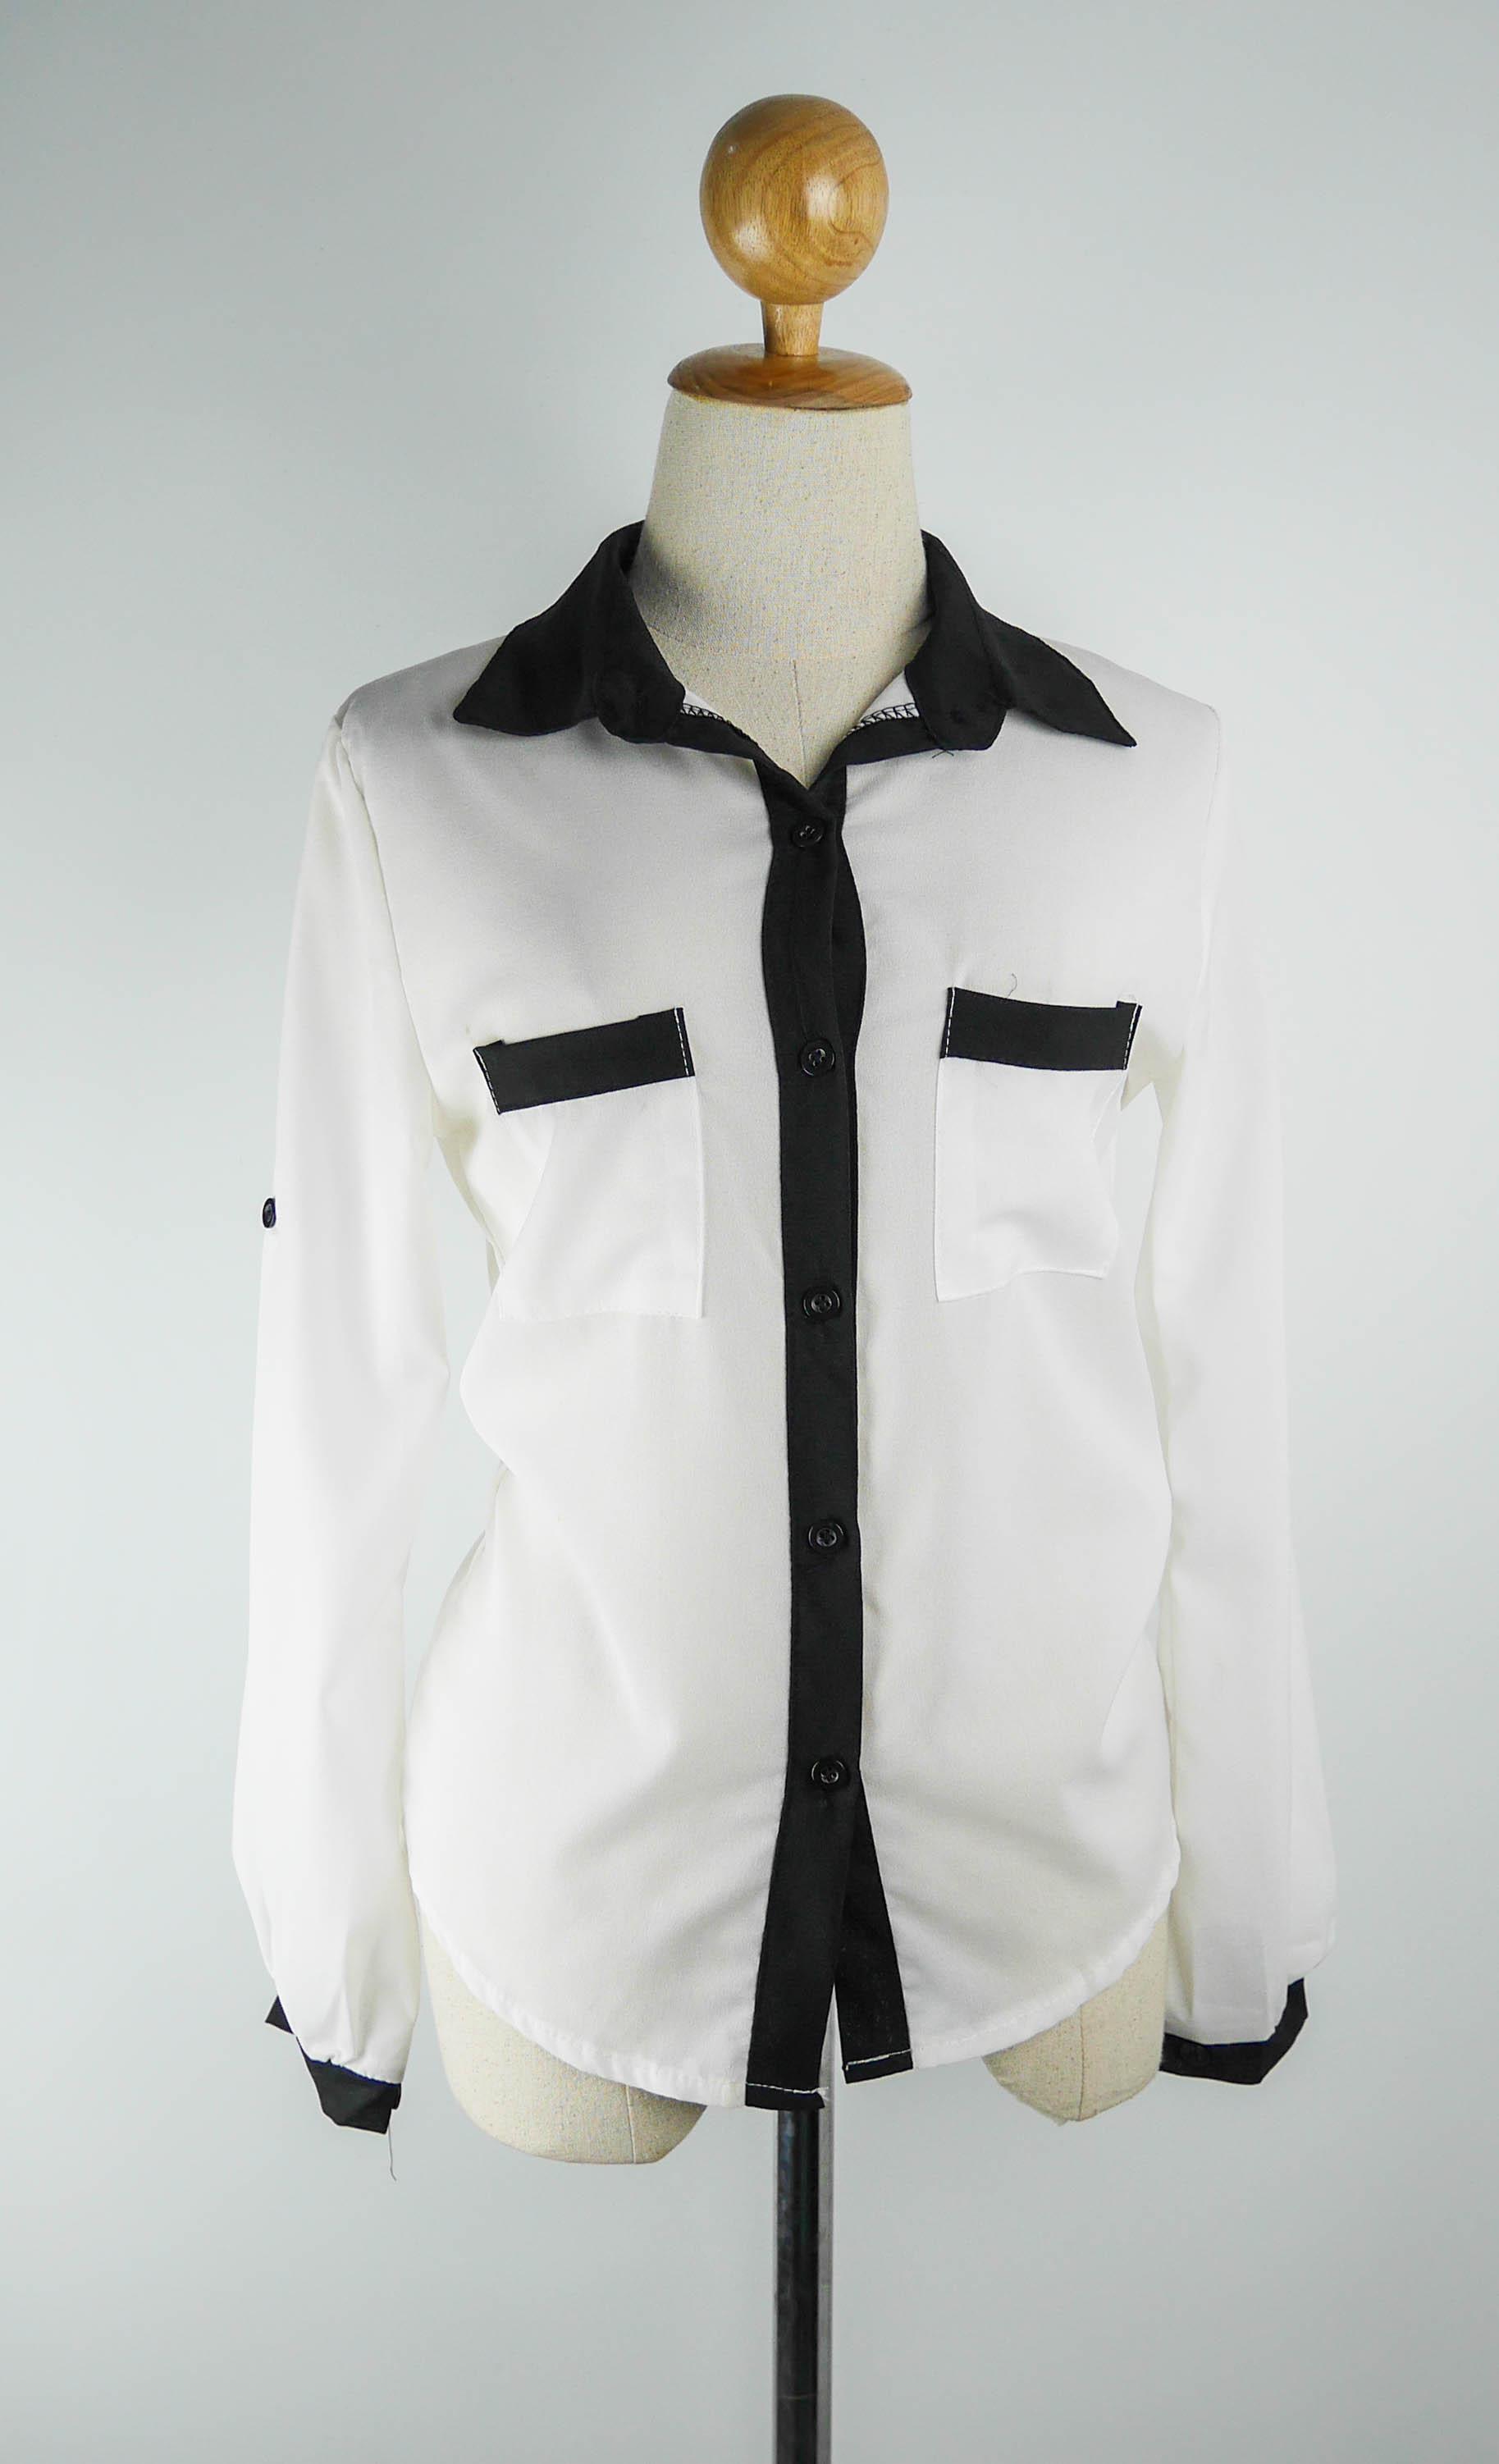 เสื้อเชิ๊ตแฟชั่น ปกเชิ๊ต แขนยาว กระดุมหน้า สีขาว